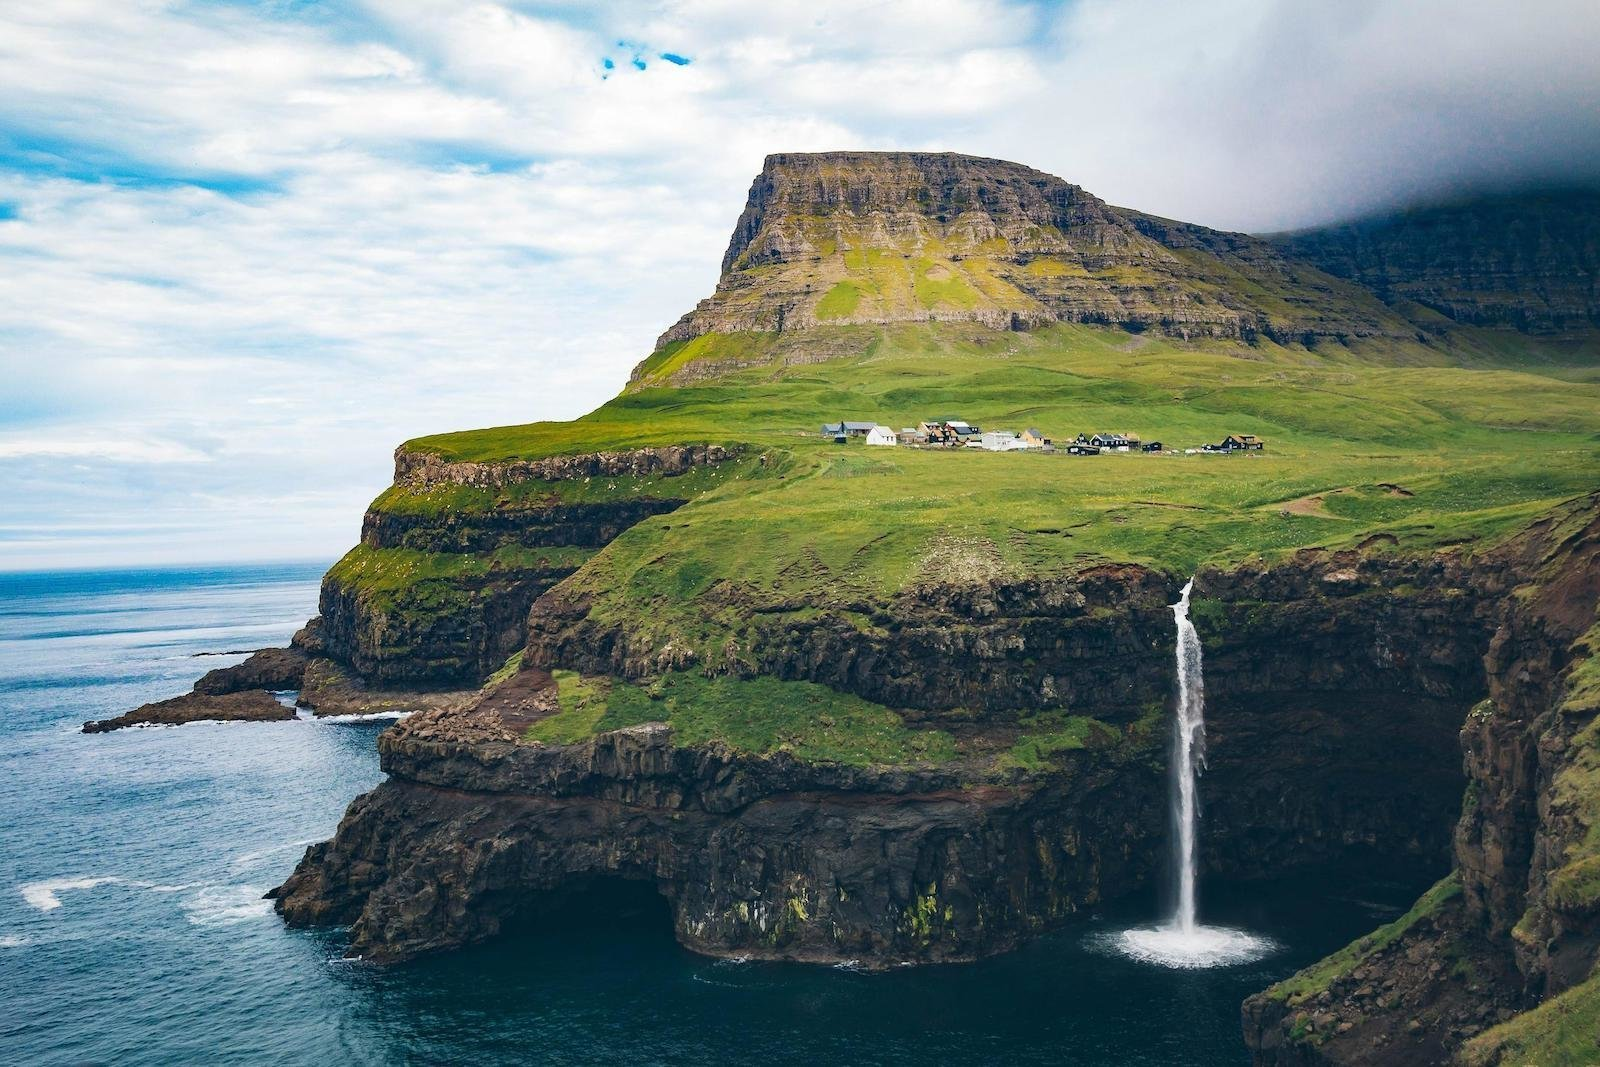 Гасадалур, Дания красивые места, мир, природа, путешествия, сказка